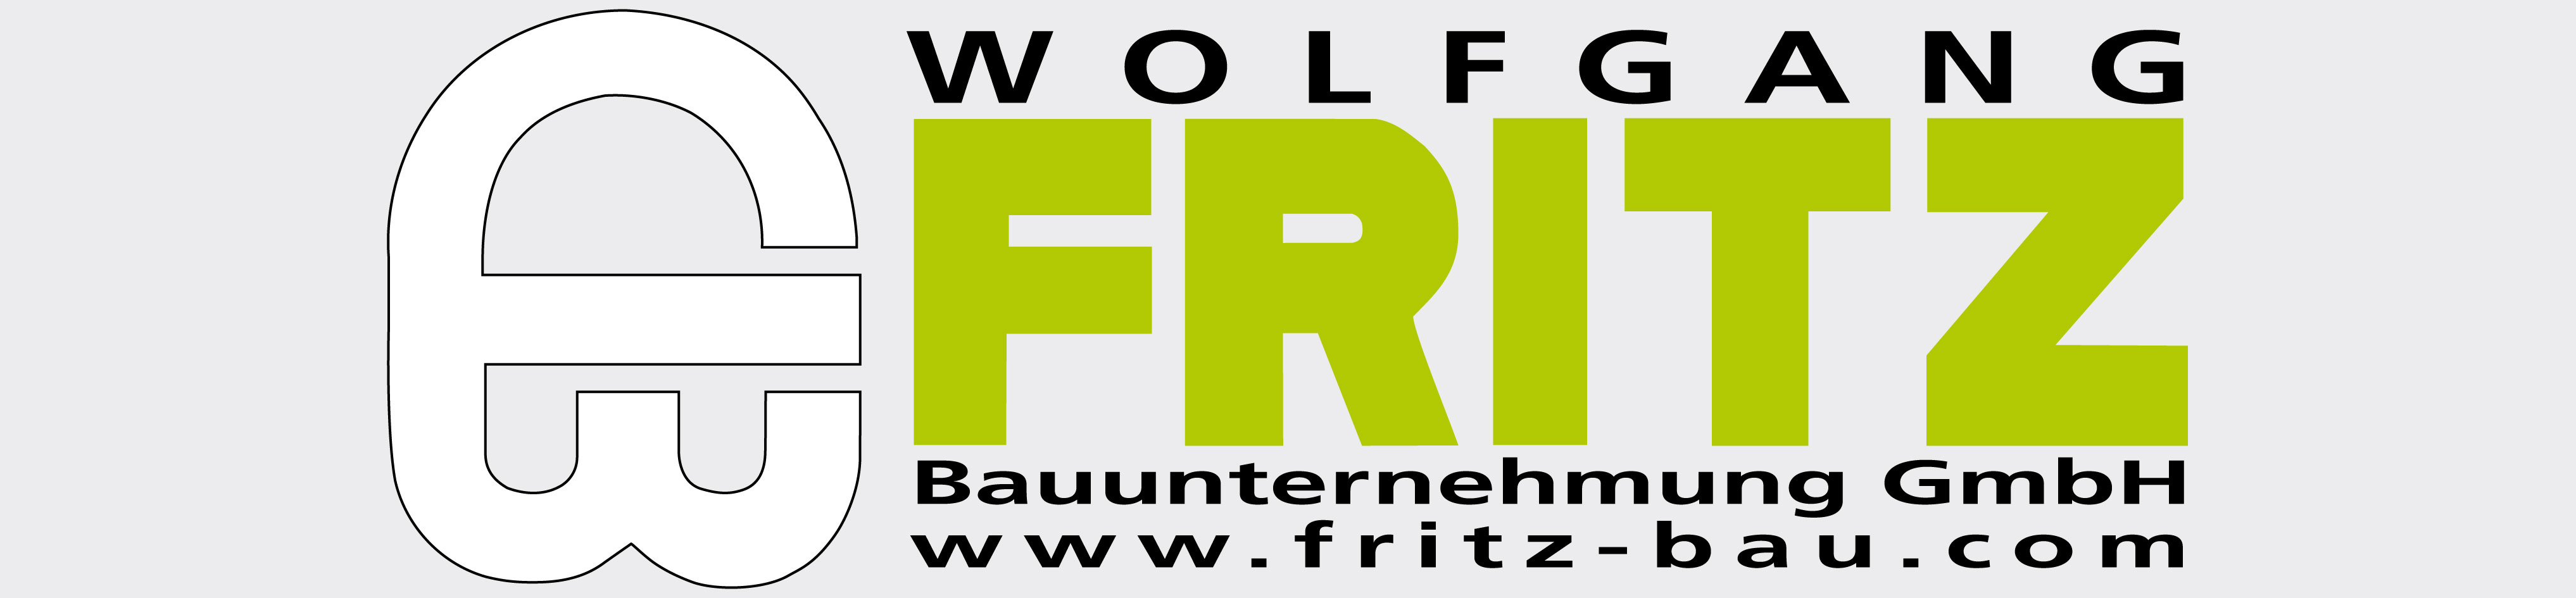 fritz-bau